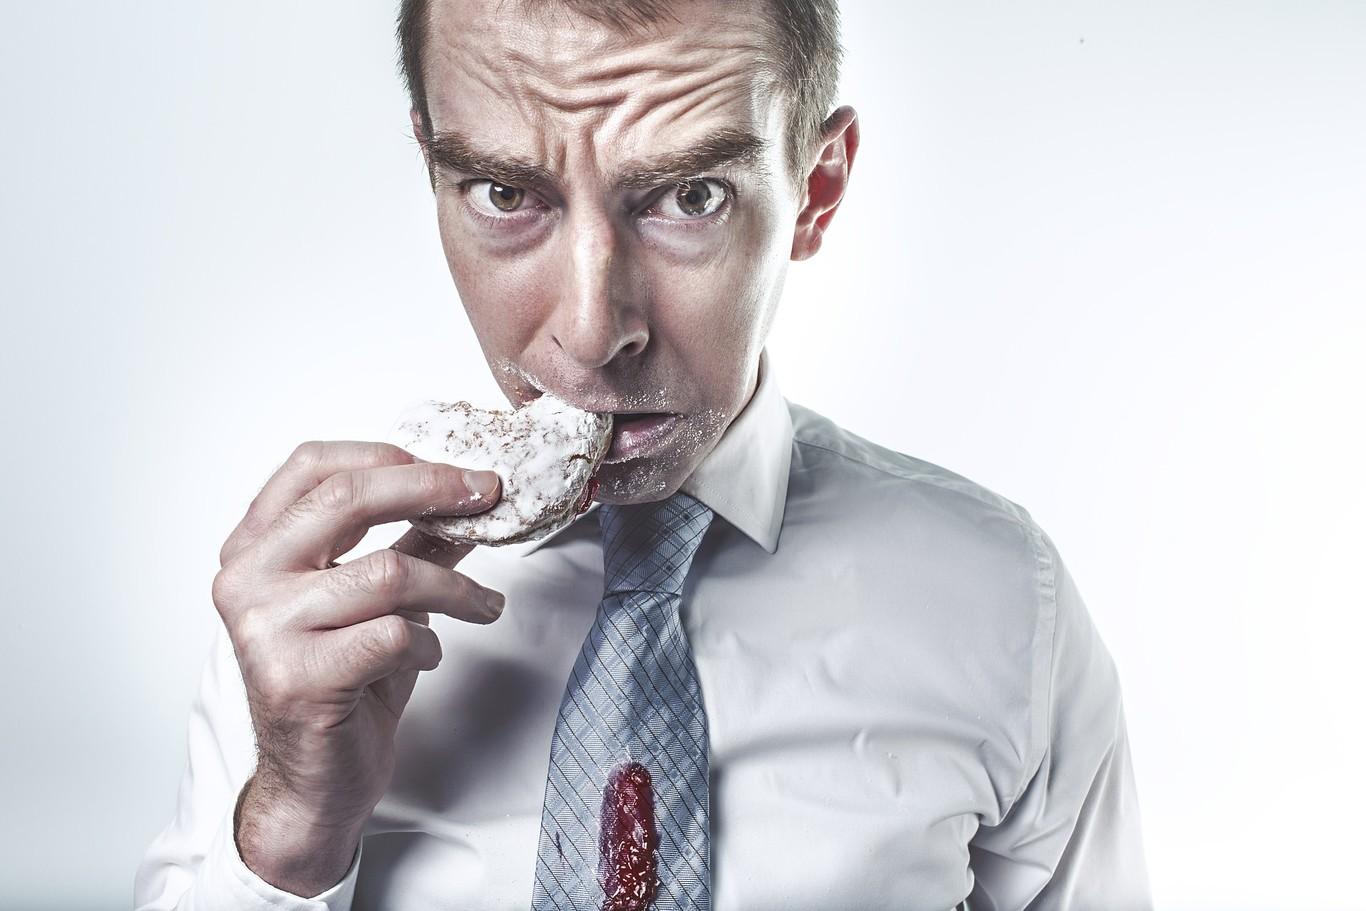 puede estallar el estómago por comer en exceso